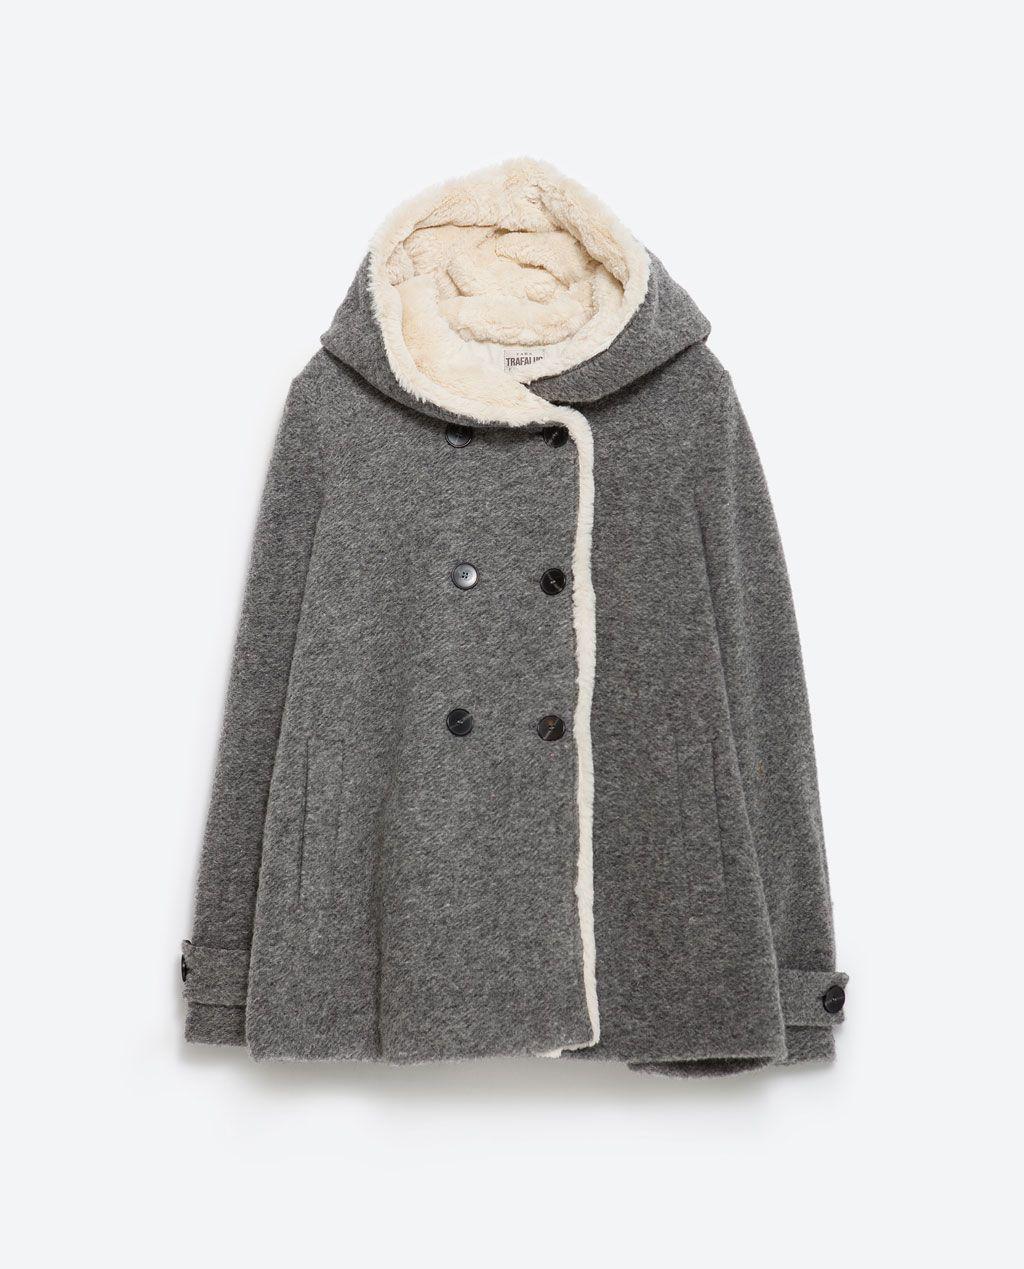 abrigo paño zara capucha capa